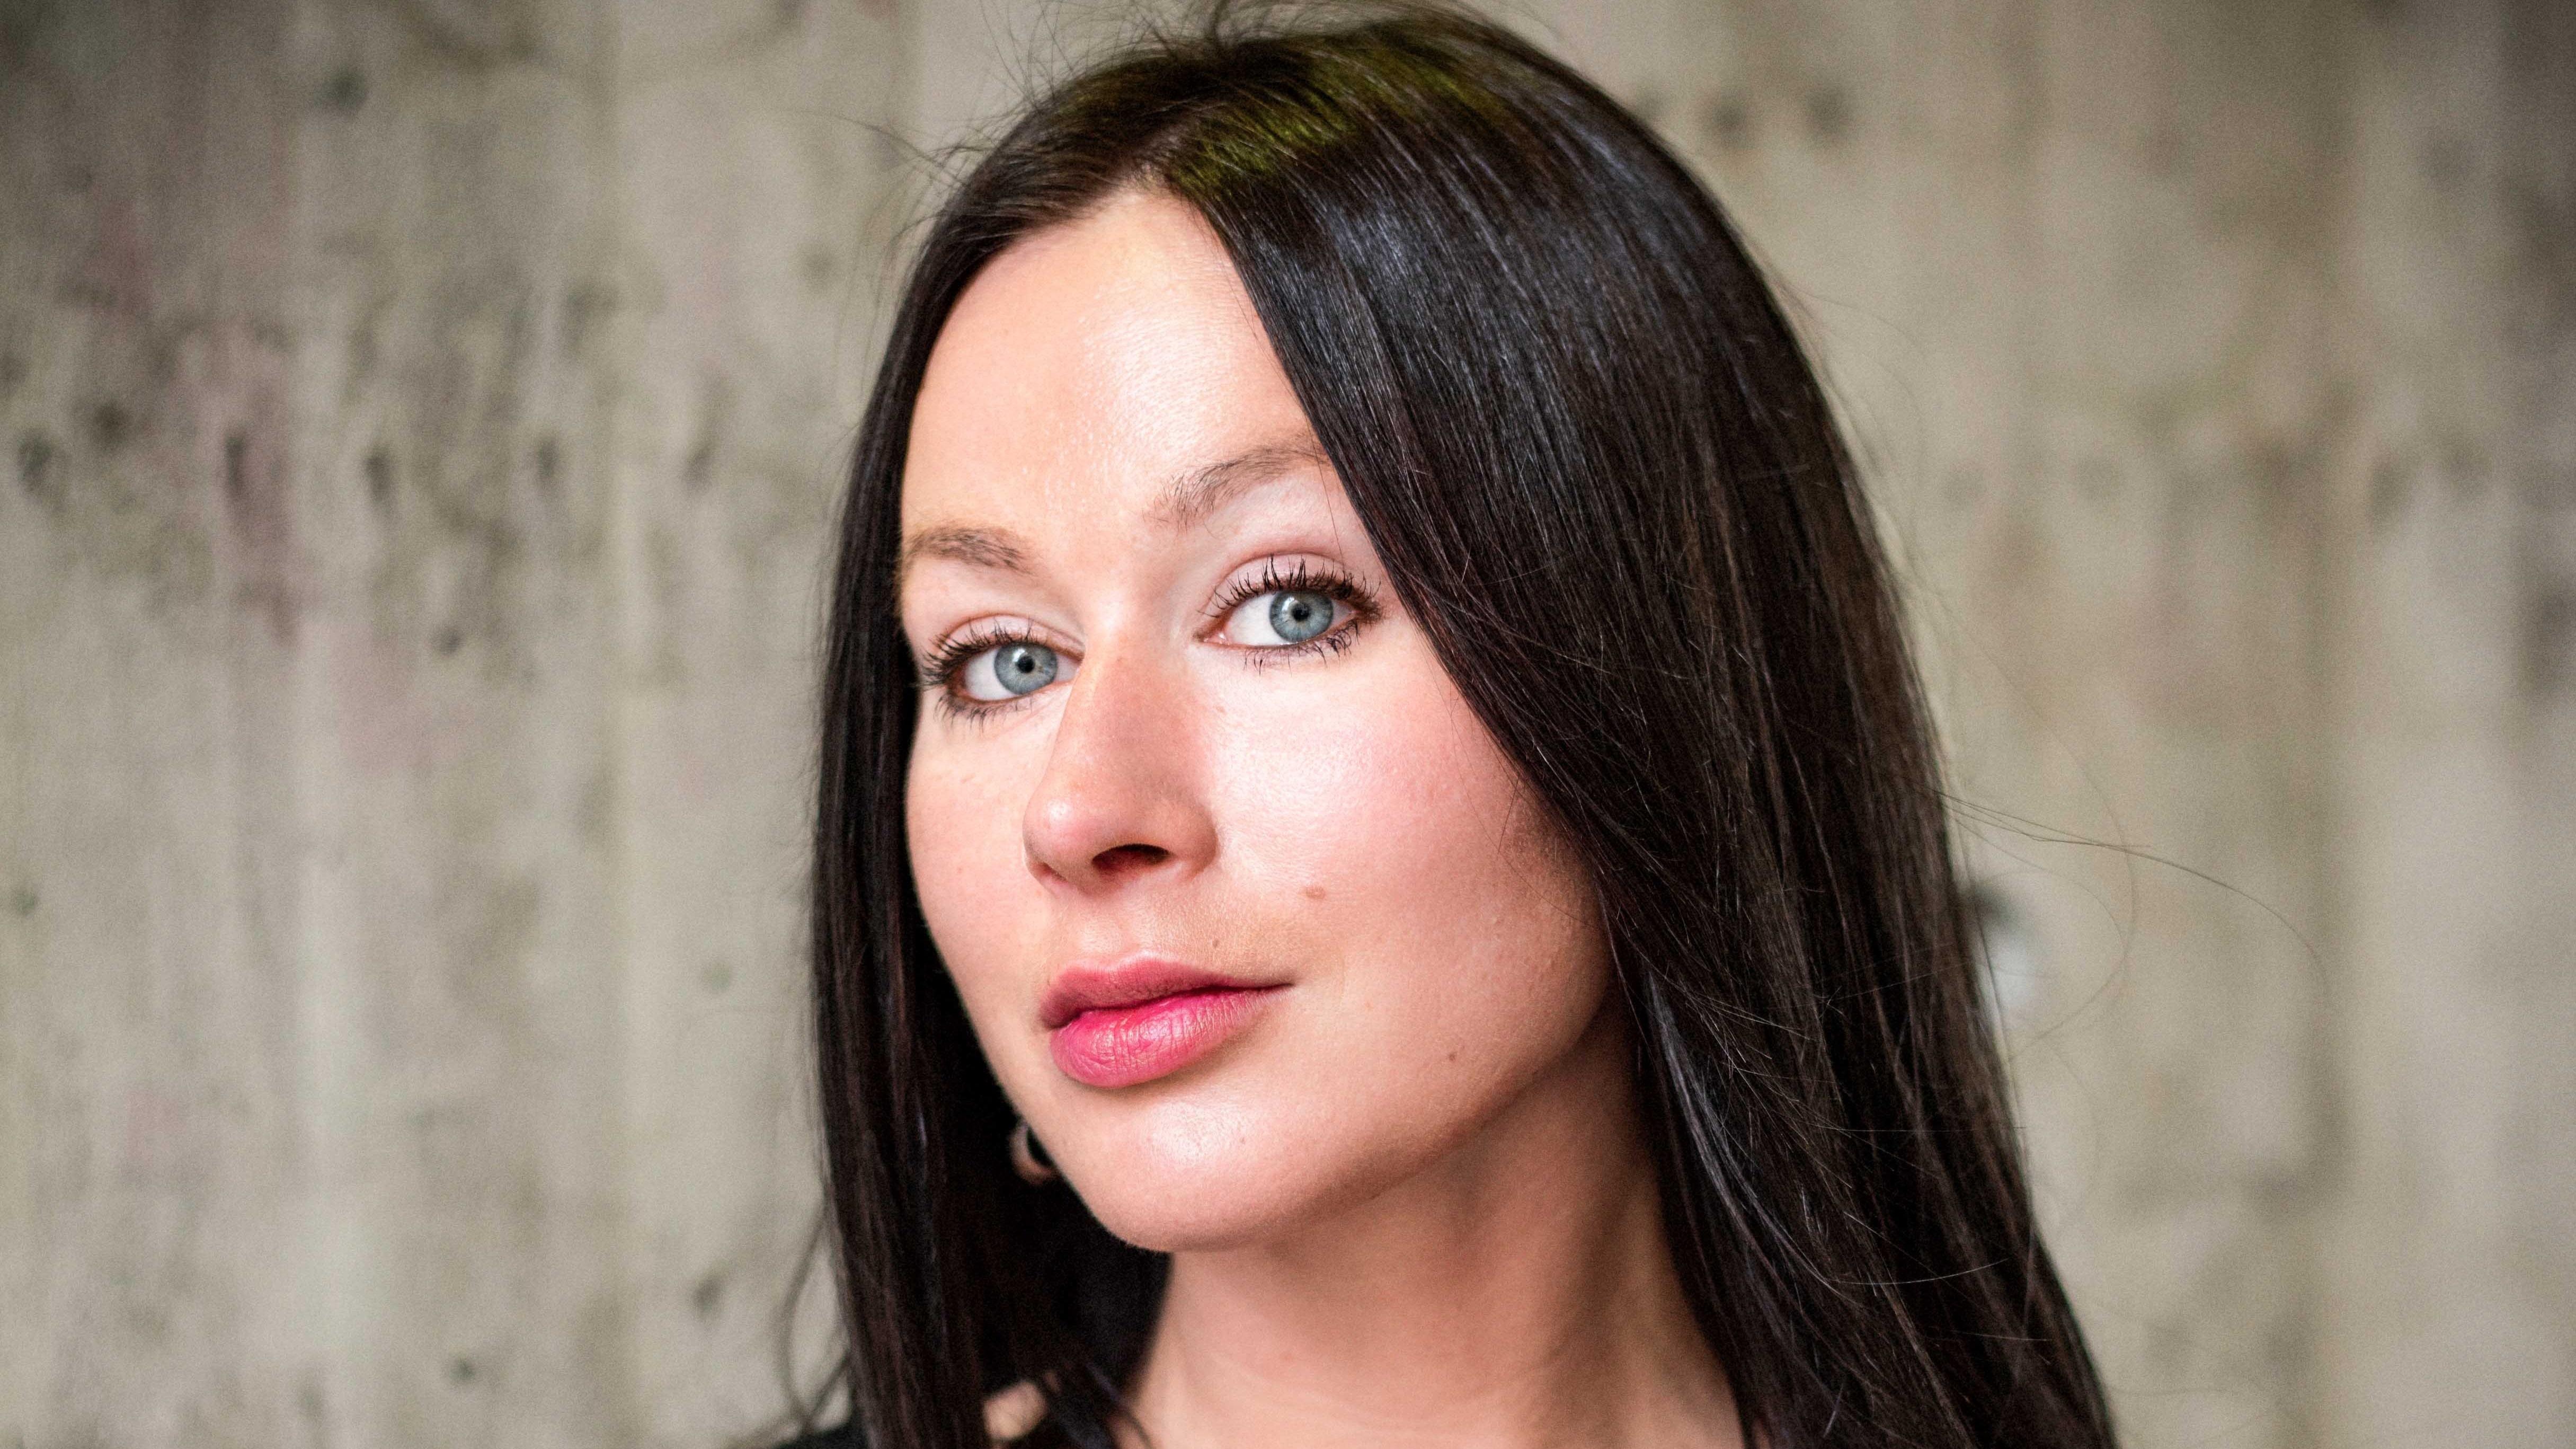 Hanna Widerstedt Sex